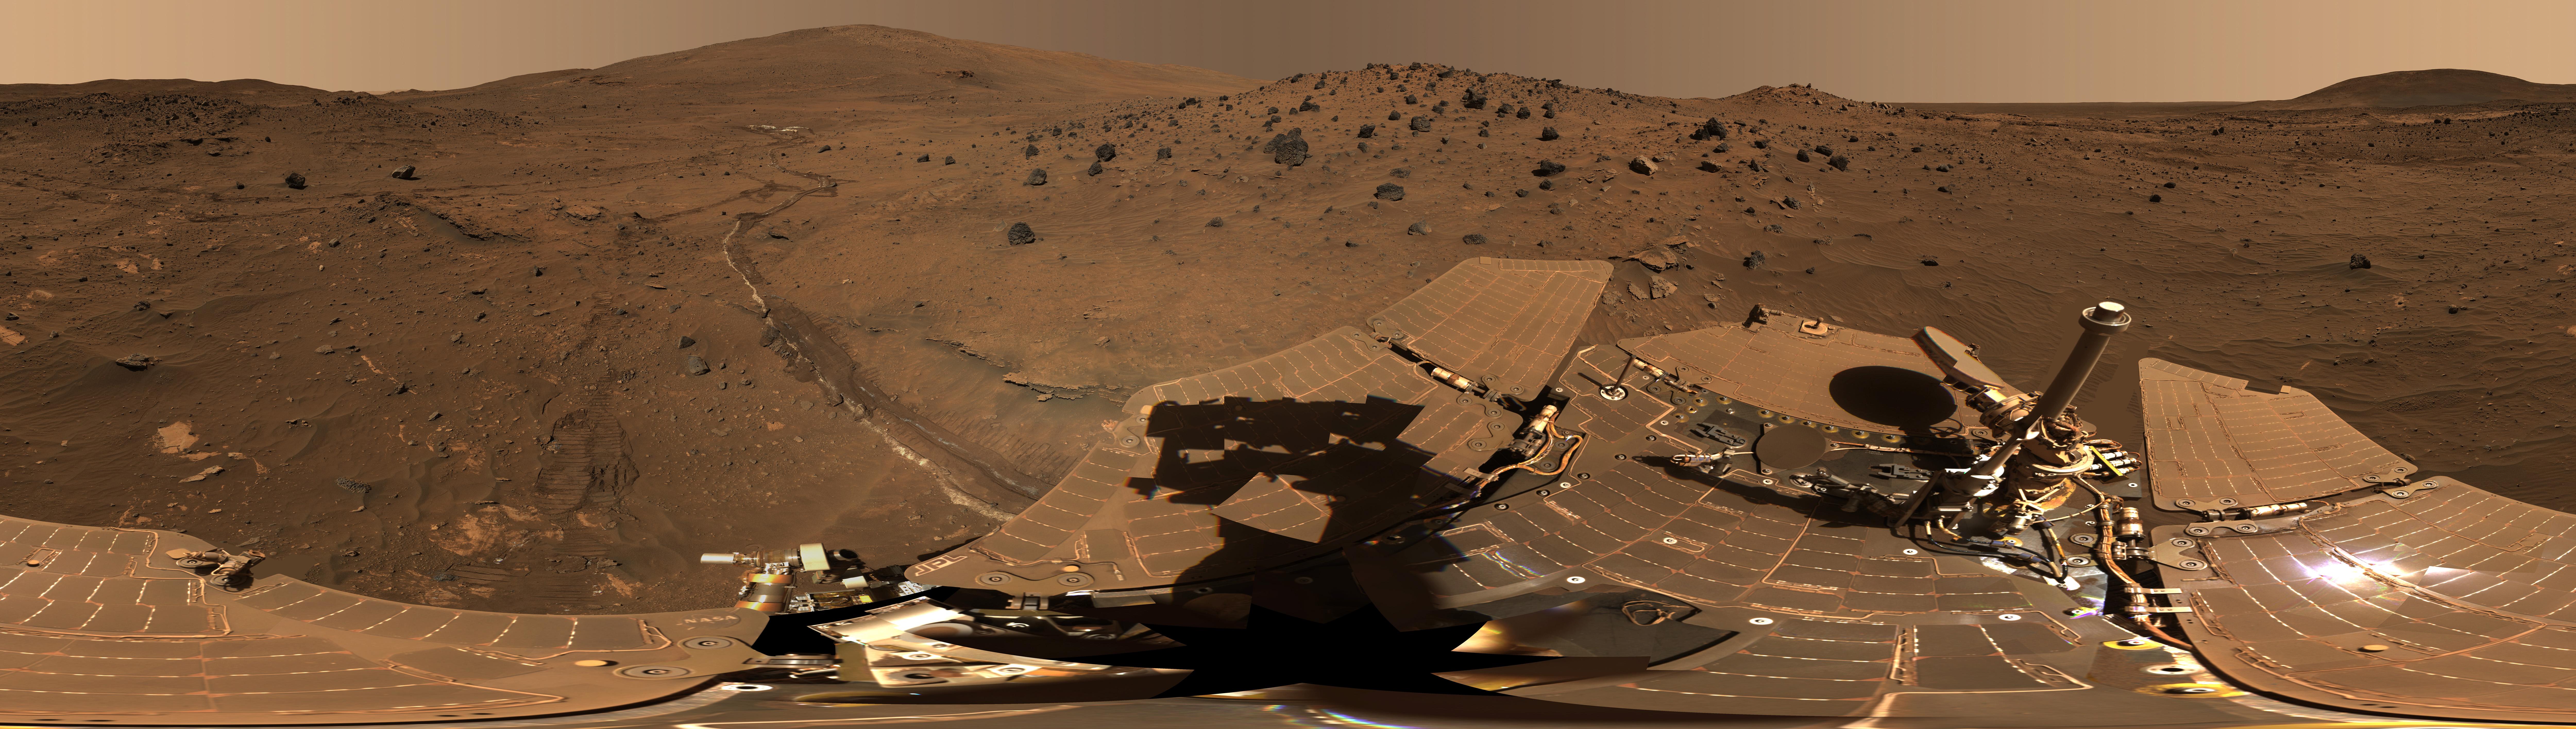 nasa mars rover mission - photo #23